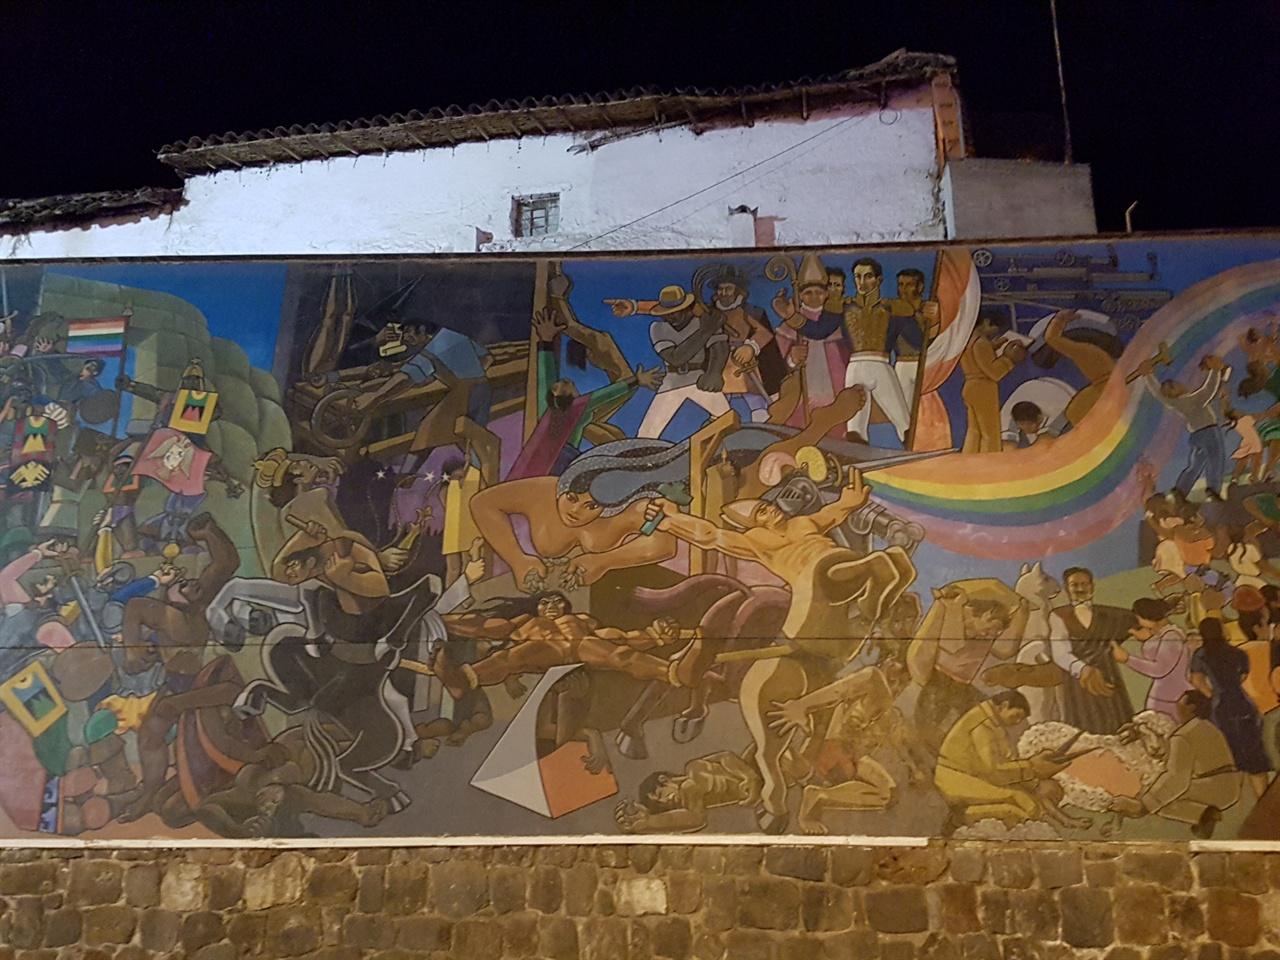 길거리의 대형벽화 길거리에 있는 대형벽화이다. 잉카시대부터 스페인식민지 시절까지의 페루인들의 일상적 삶을 신화적 시각에서 페인팅한 것으로 생각된다.